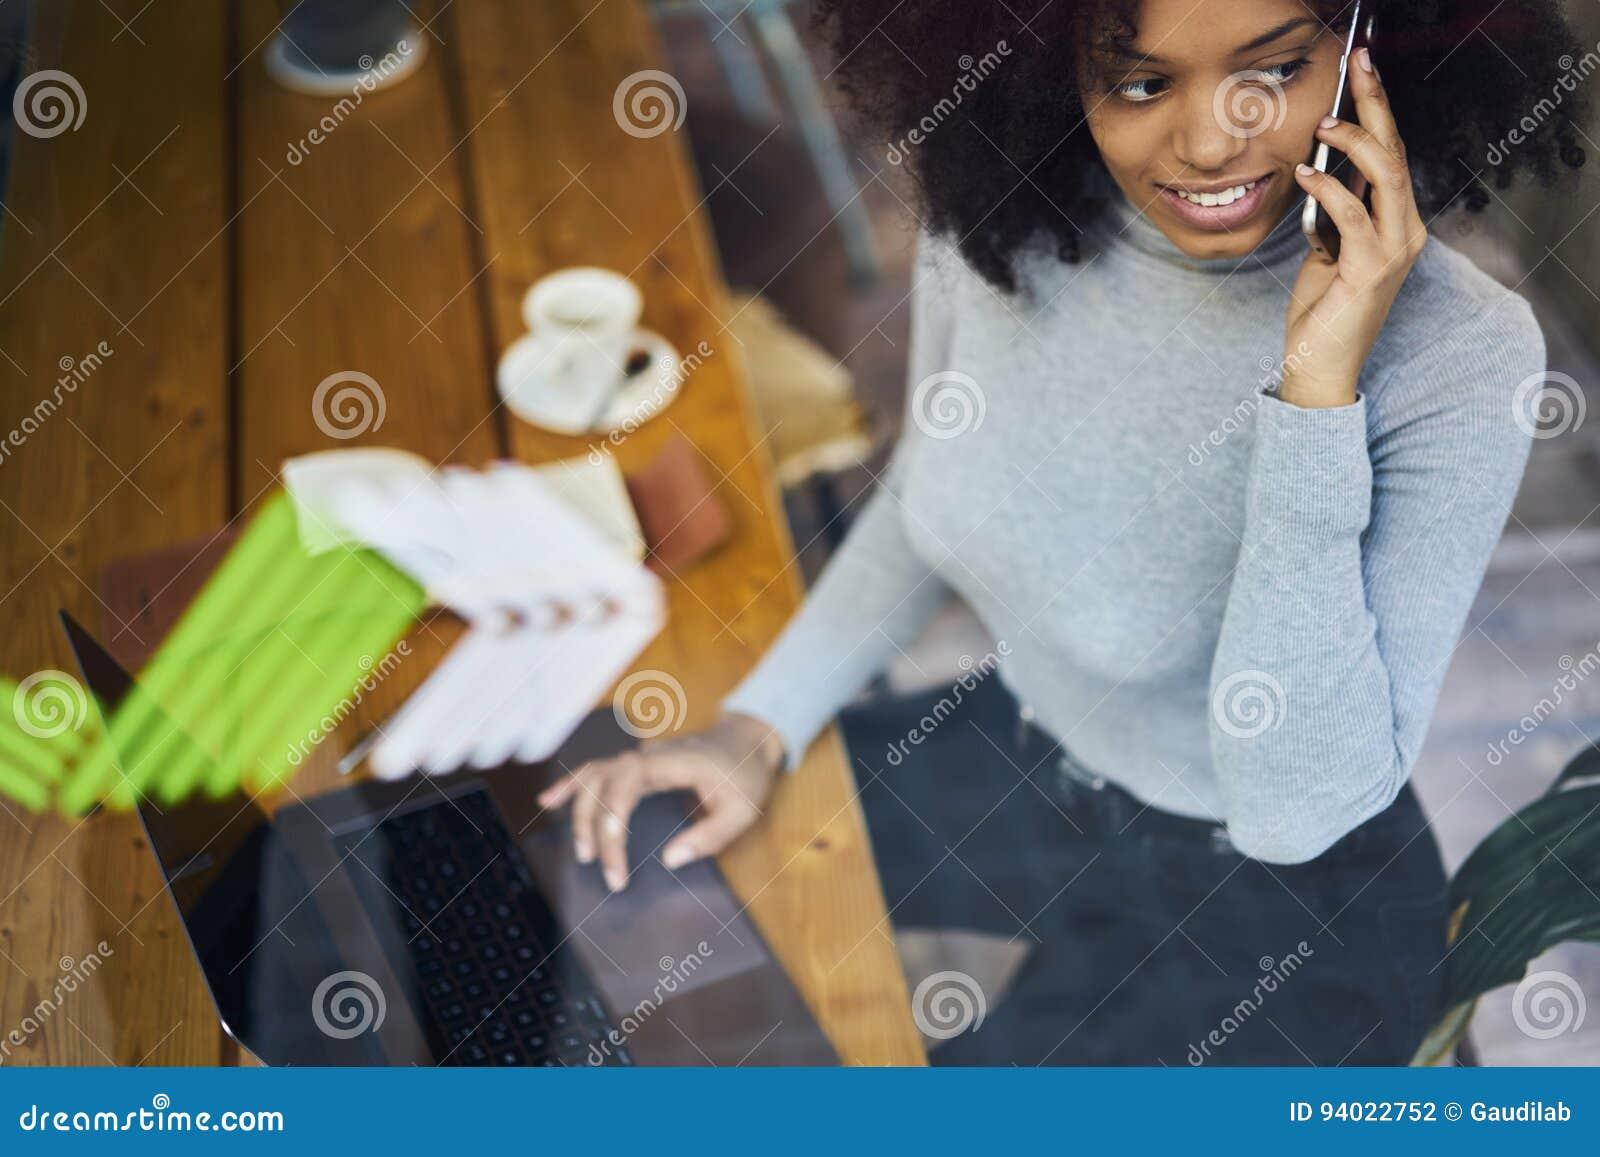 Kędzierzawy afroamerykanin w szarej kurtce używać bezprzewodowego związek sieć